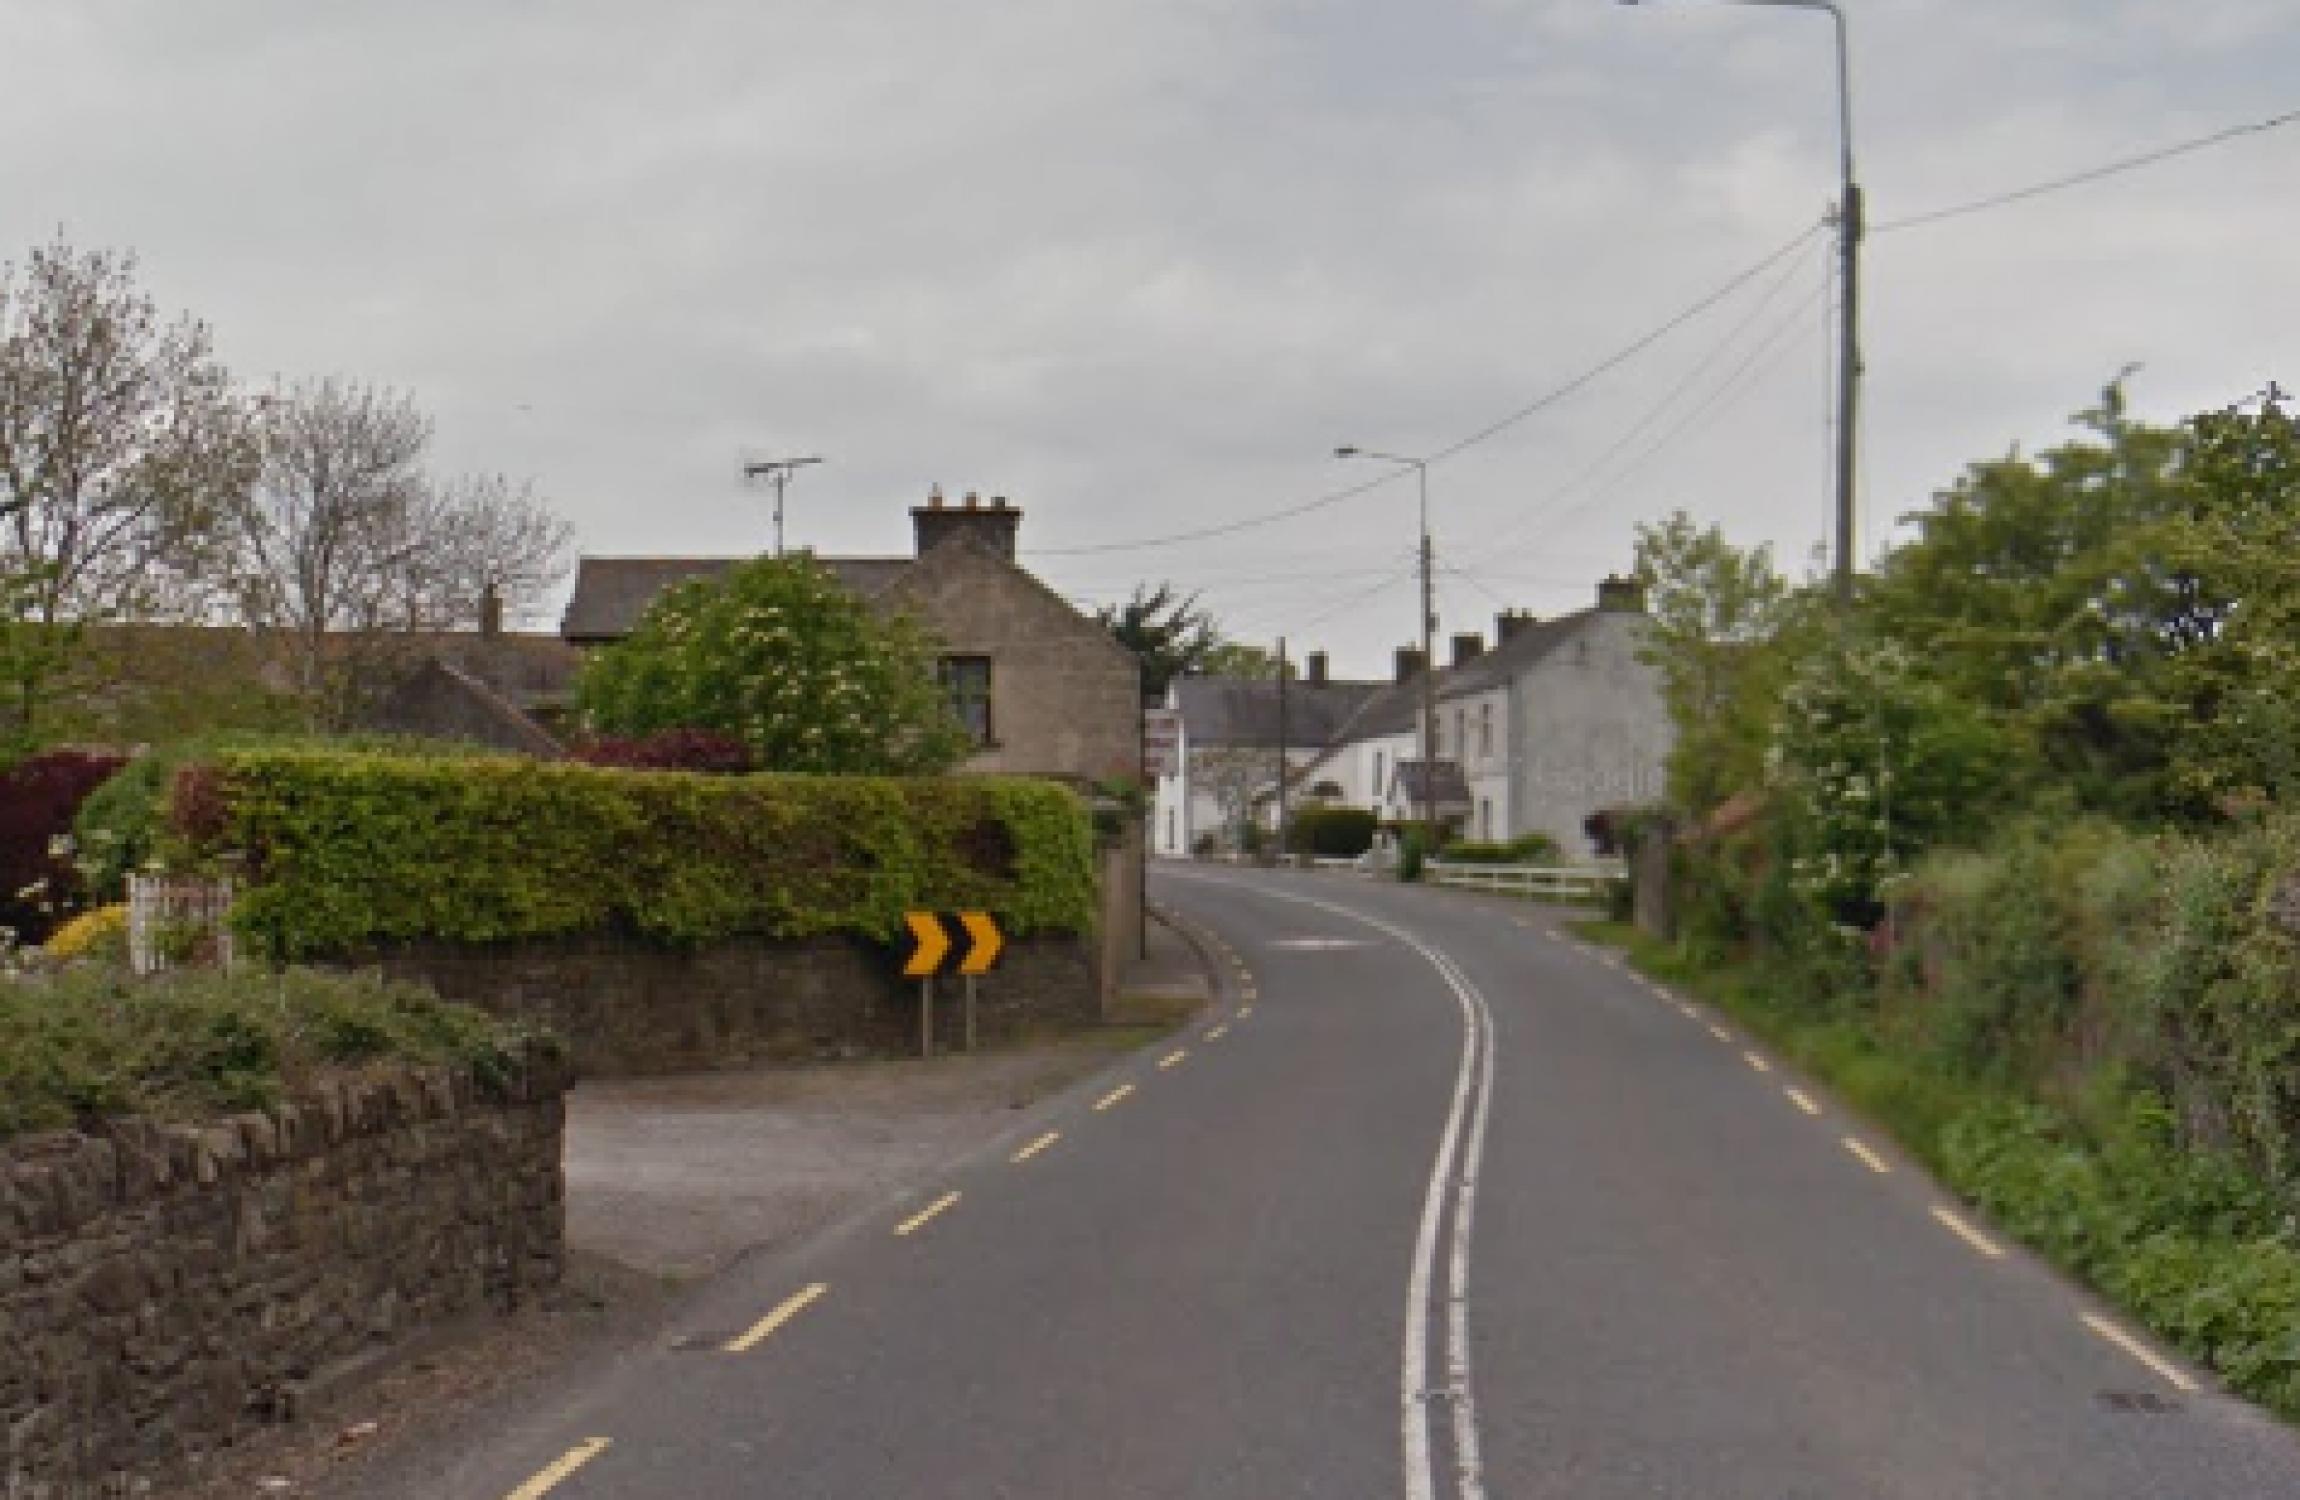 One dead after midlands road crash